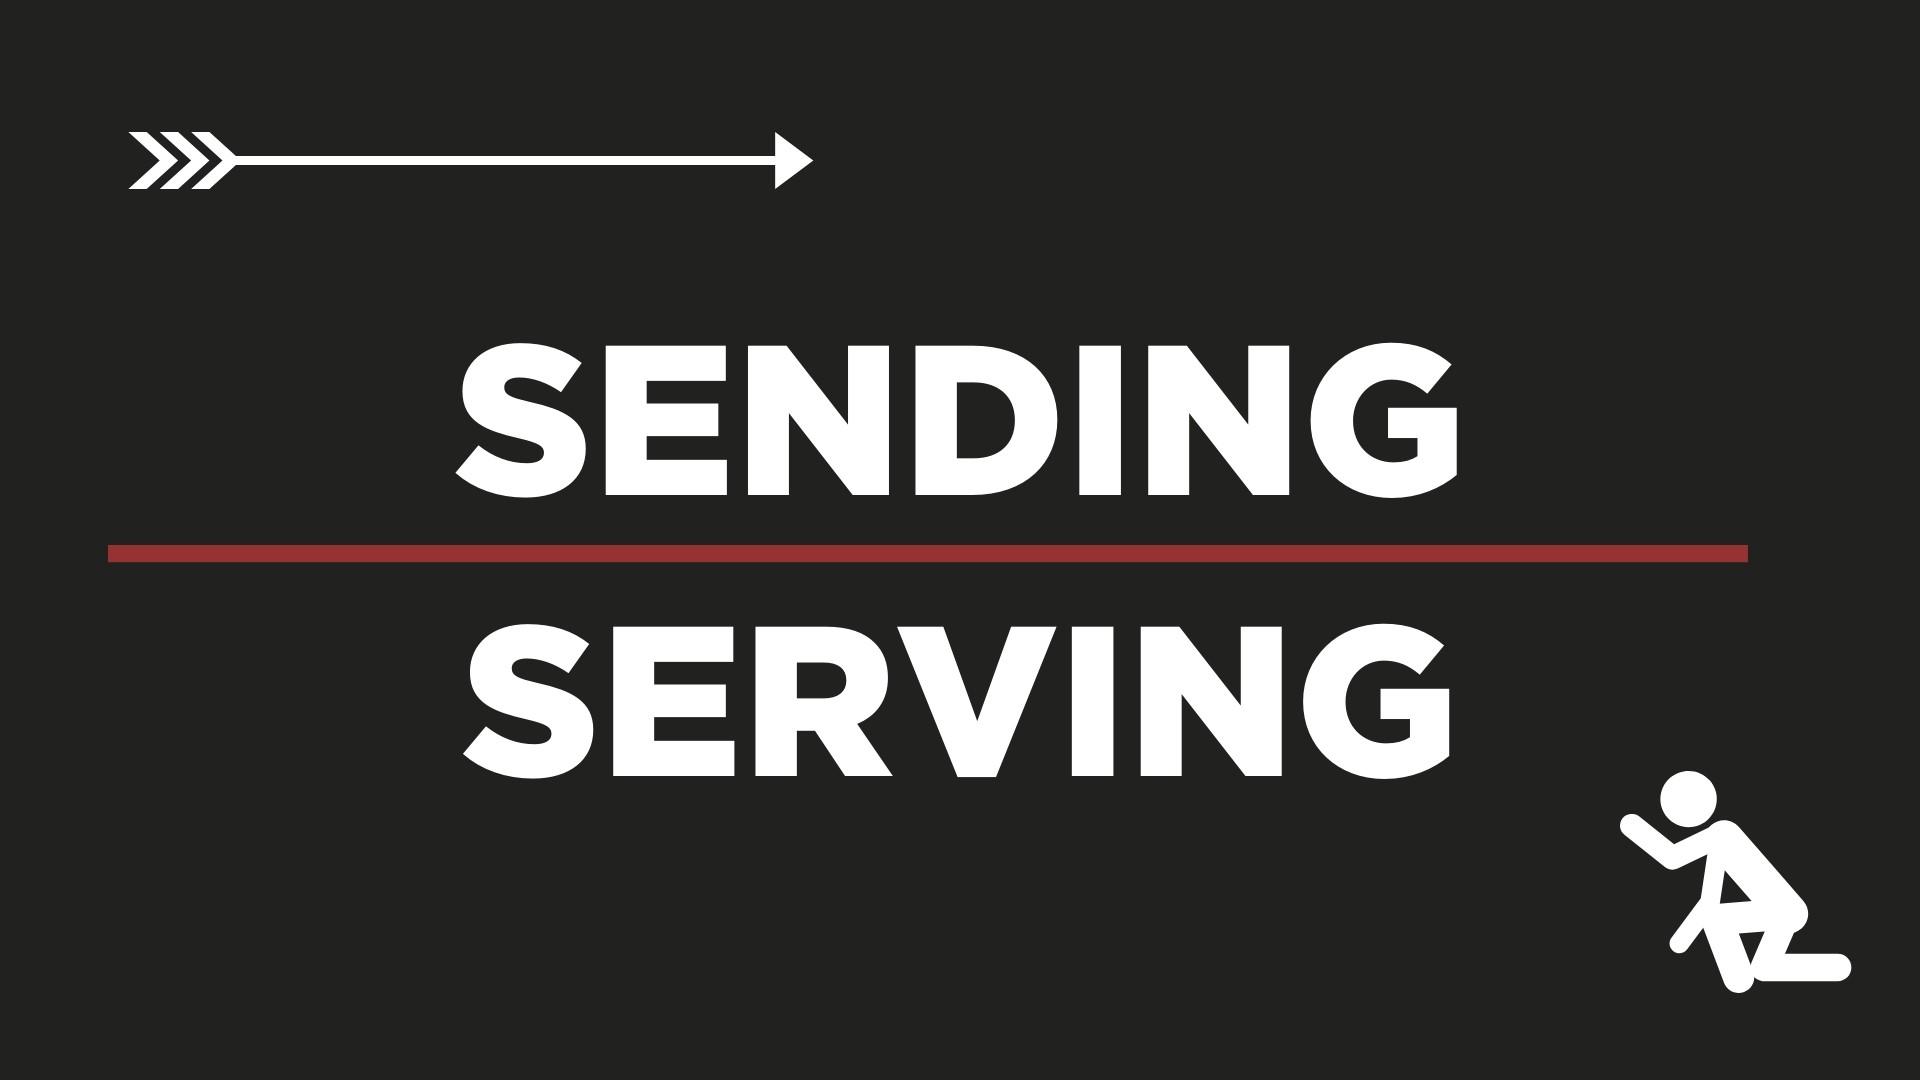 sendignserving.jpg